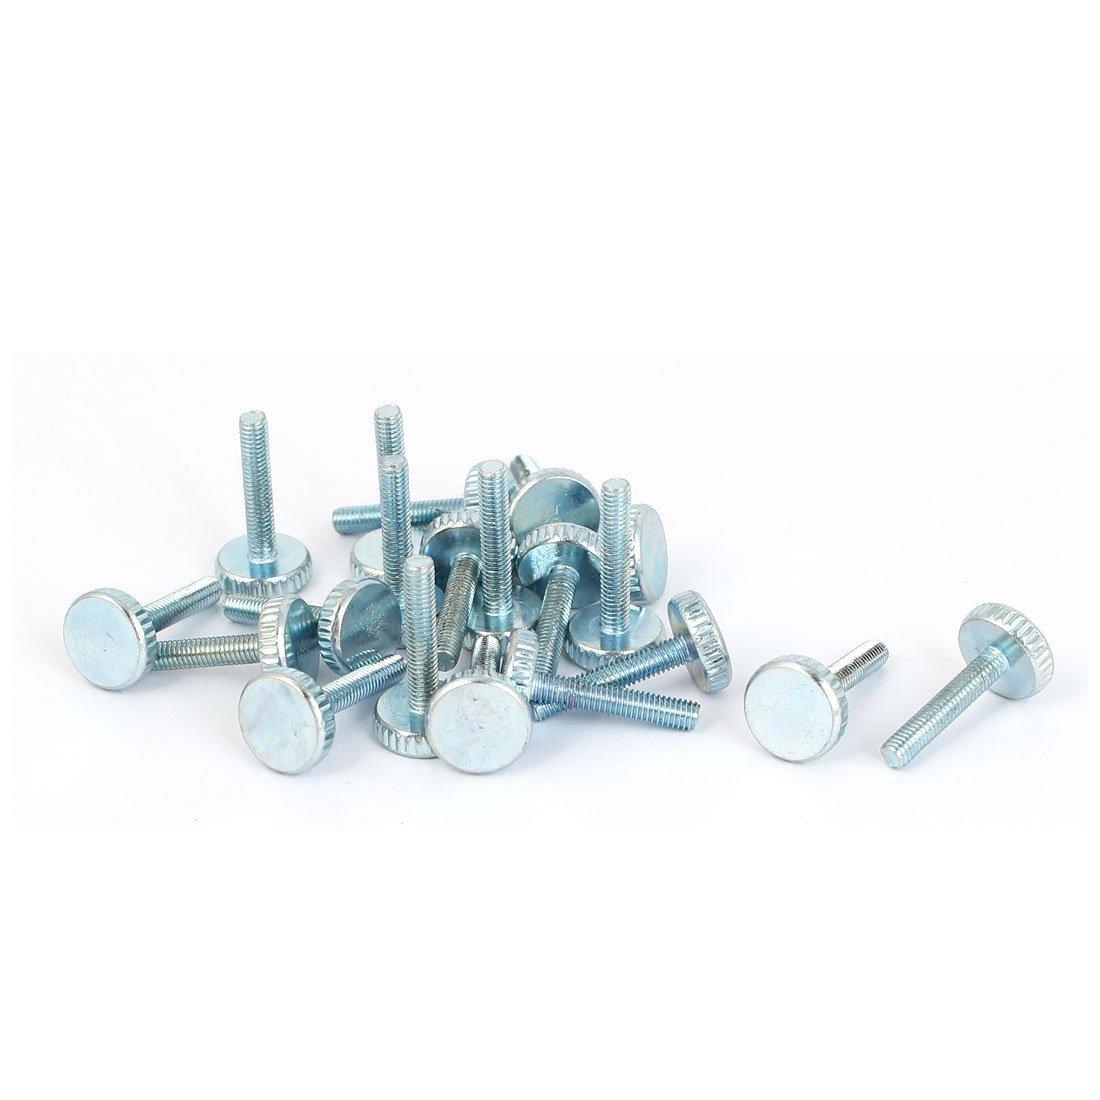 M5x12mm Thread Carbon Steel Knurled Round Head Thumb Screws Silver Blue 10pcs